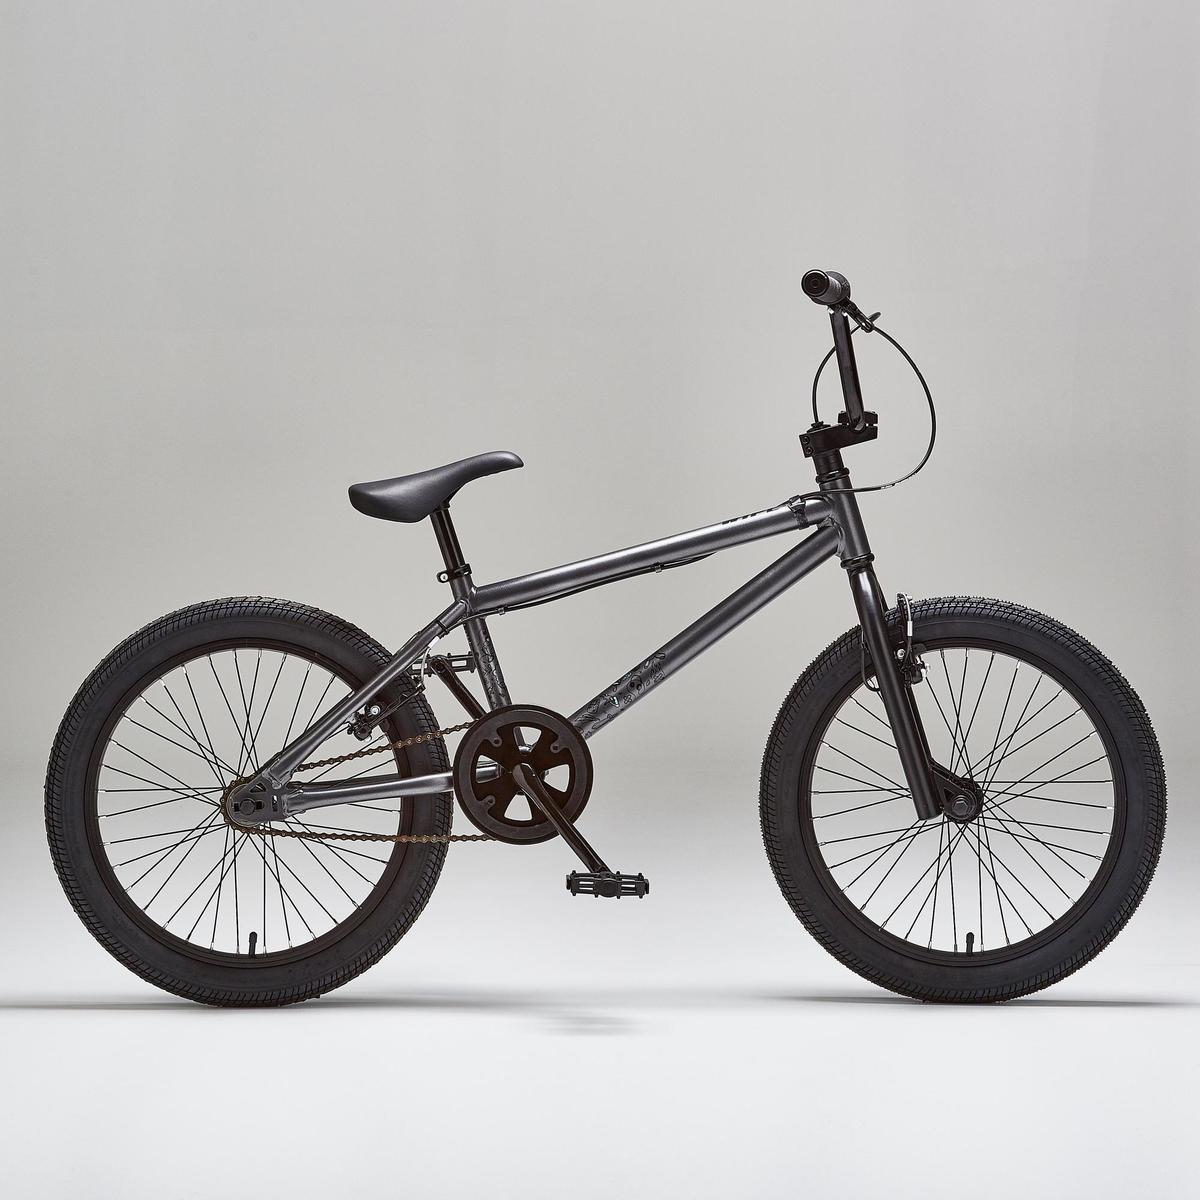 Bild 2 von BMX-Rad 100 Wipe